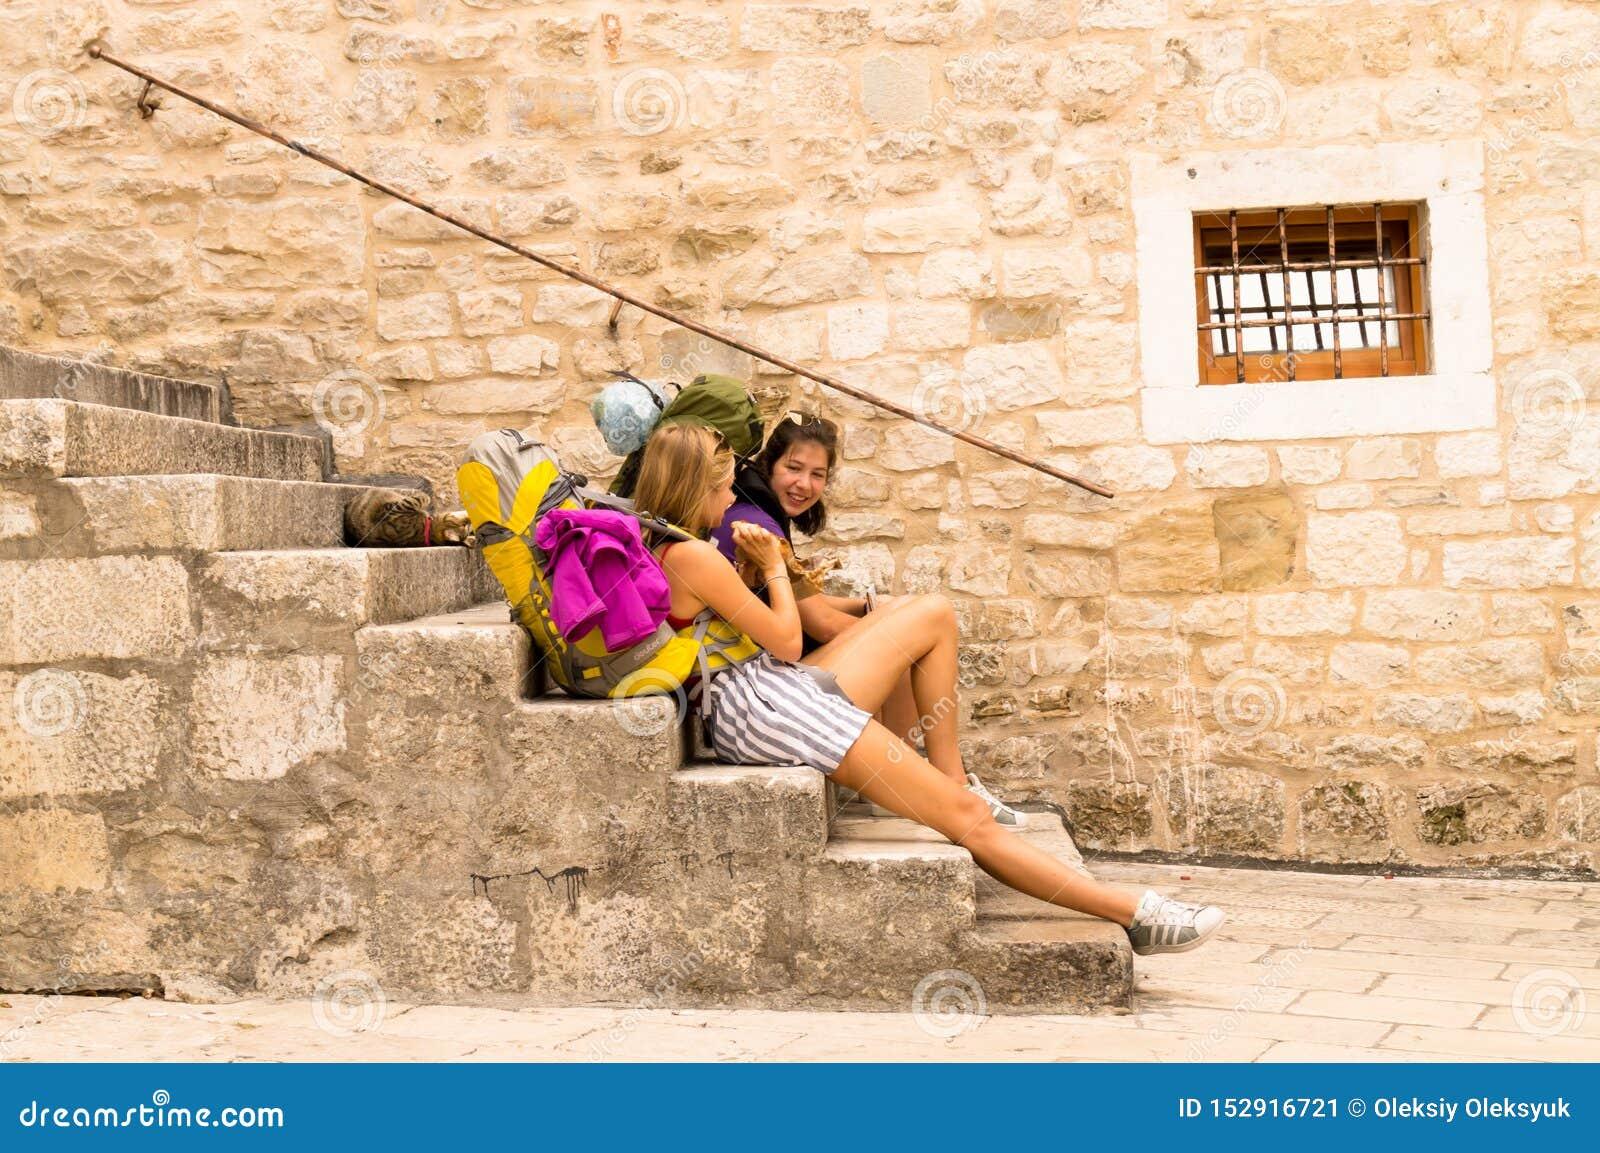 分裂达尔马提亚 r 09/06/2018:分裂,达尔马提亚,克罗地亚;09/07/2018:女孩坐步